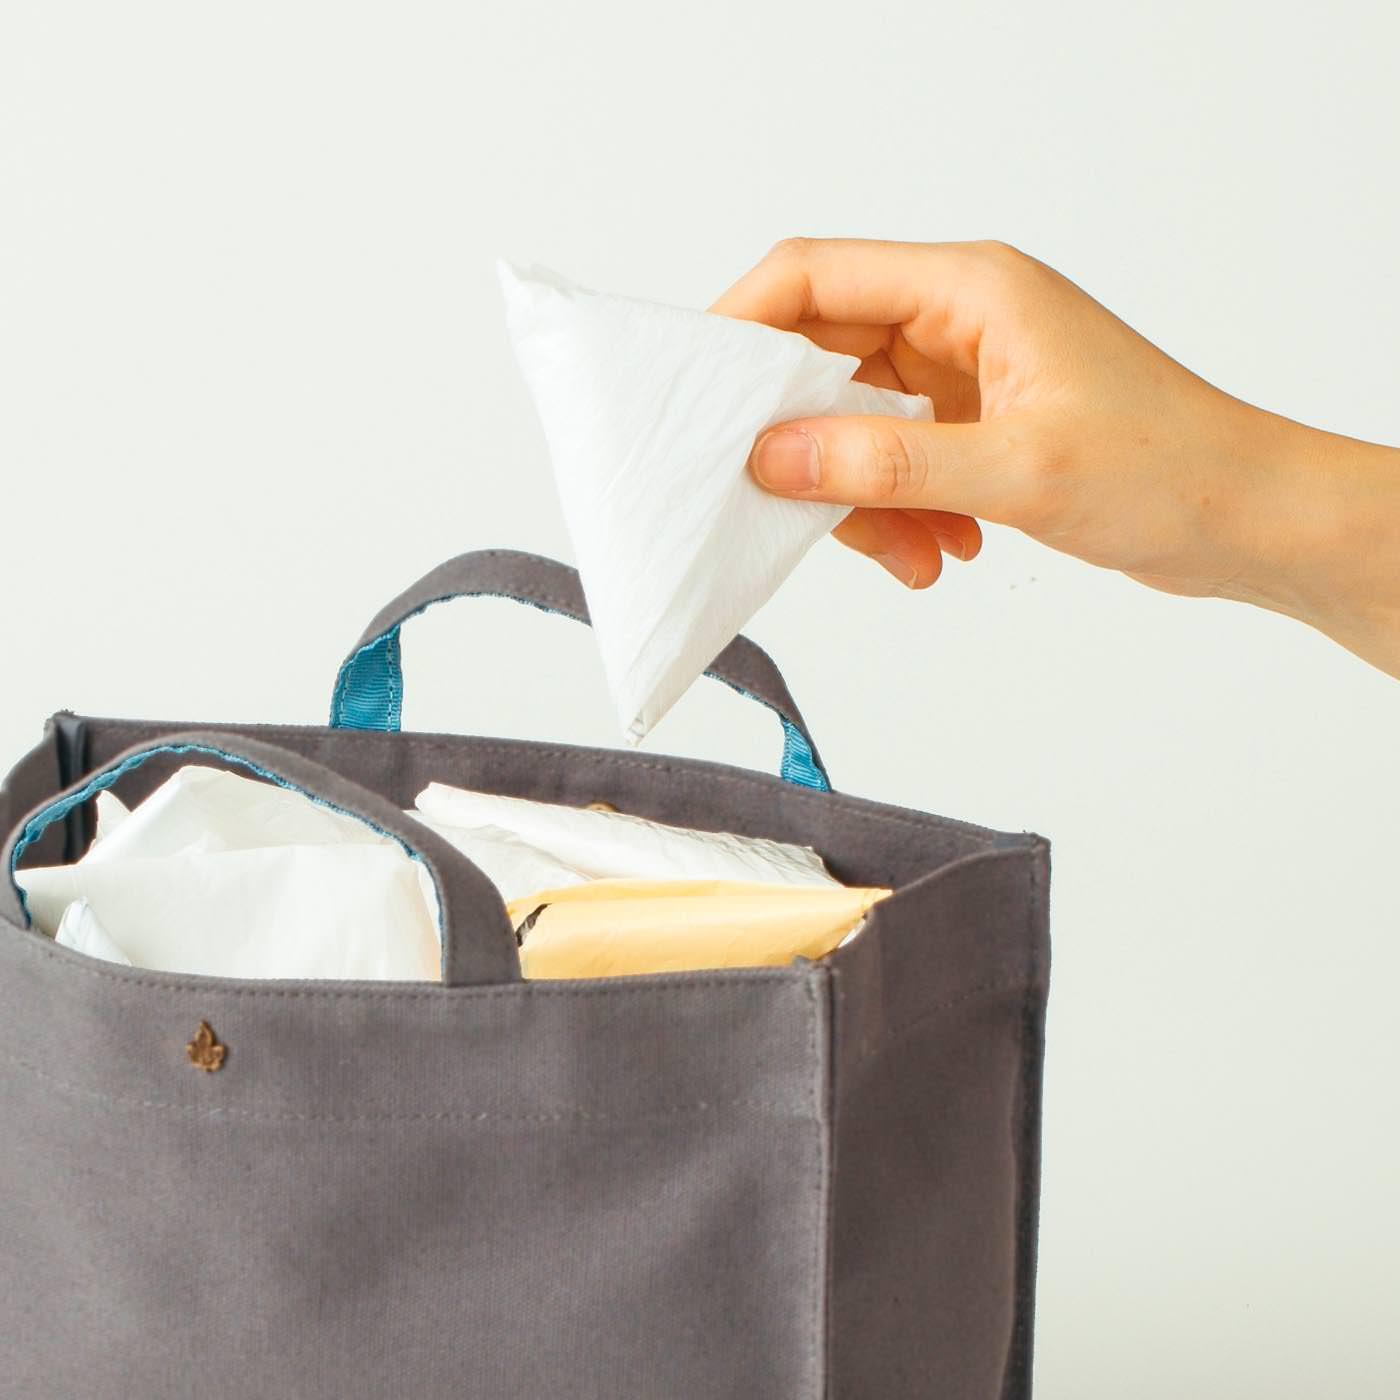 スーパーの袋をストックするのにも便利。